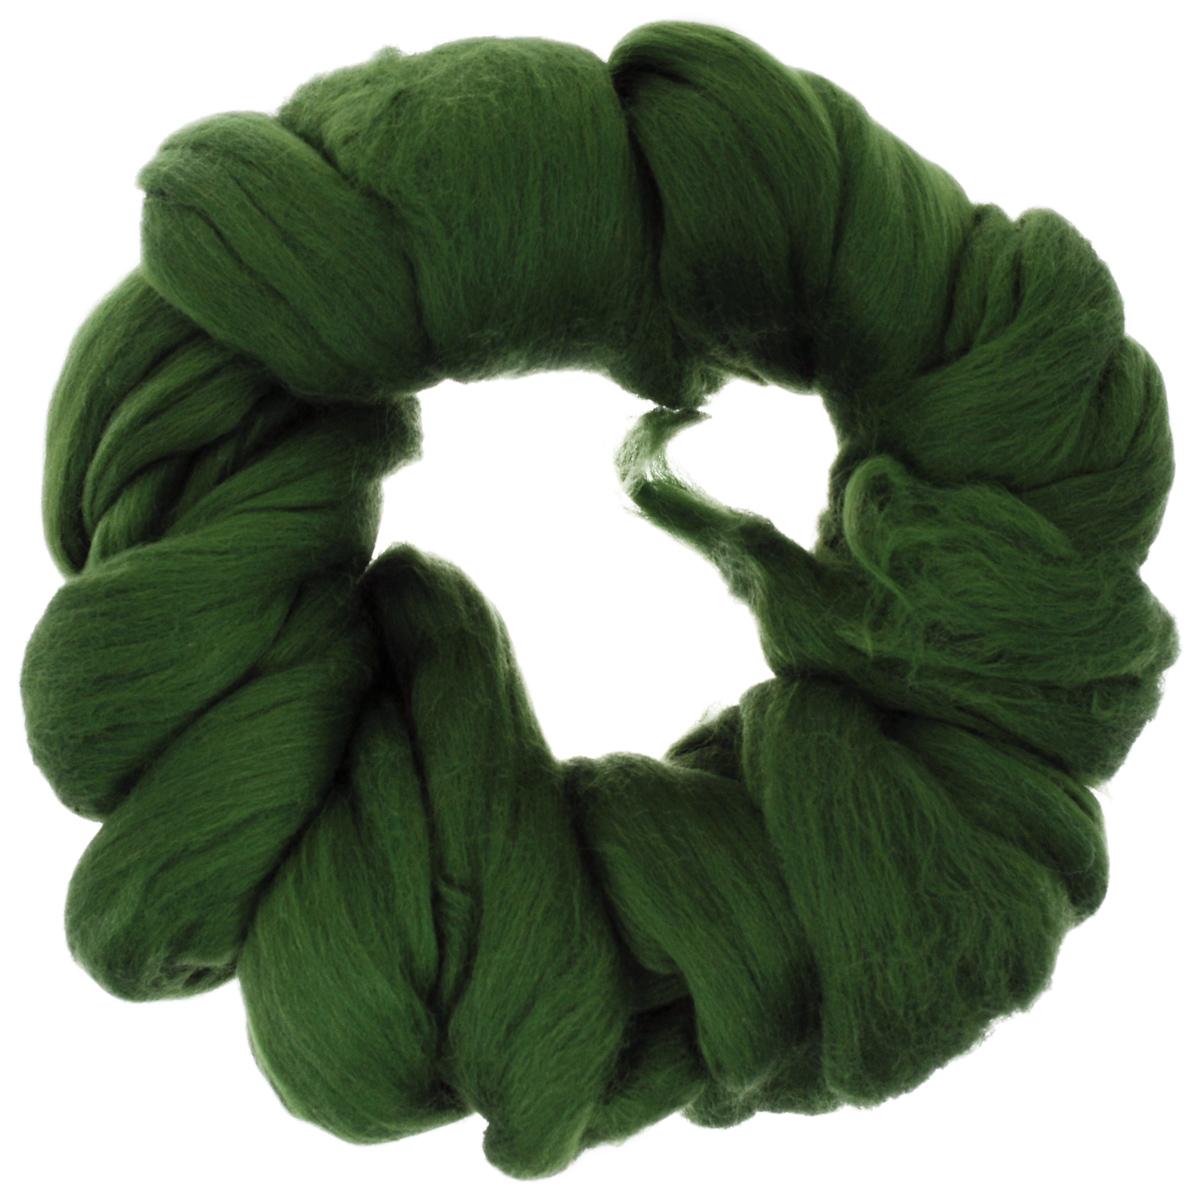 Шерсть для валяния Астра, тонкая, цвет: морские водоросли (1384), 100 г шерсть для валяния астра тонкая цвет розовый 0160 100 г